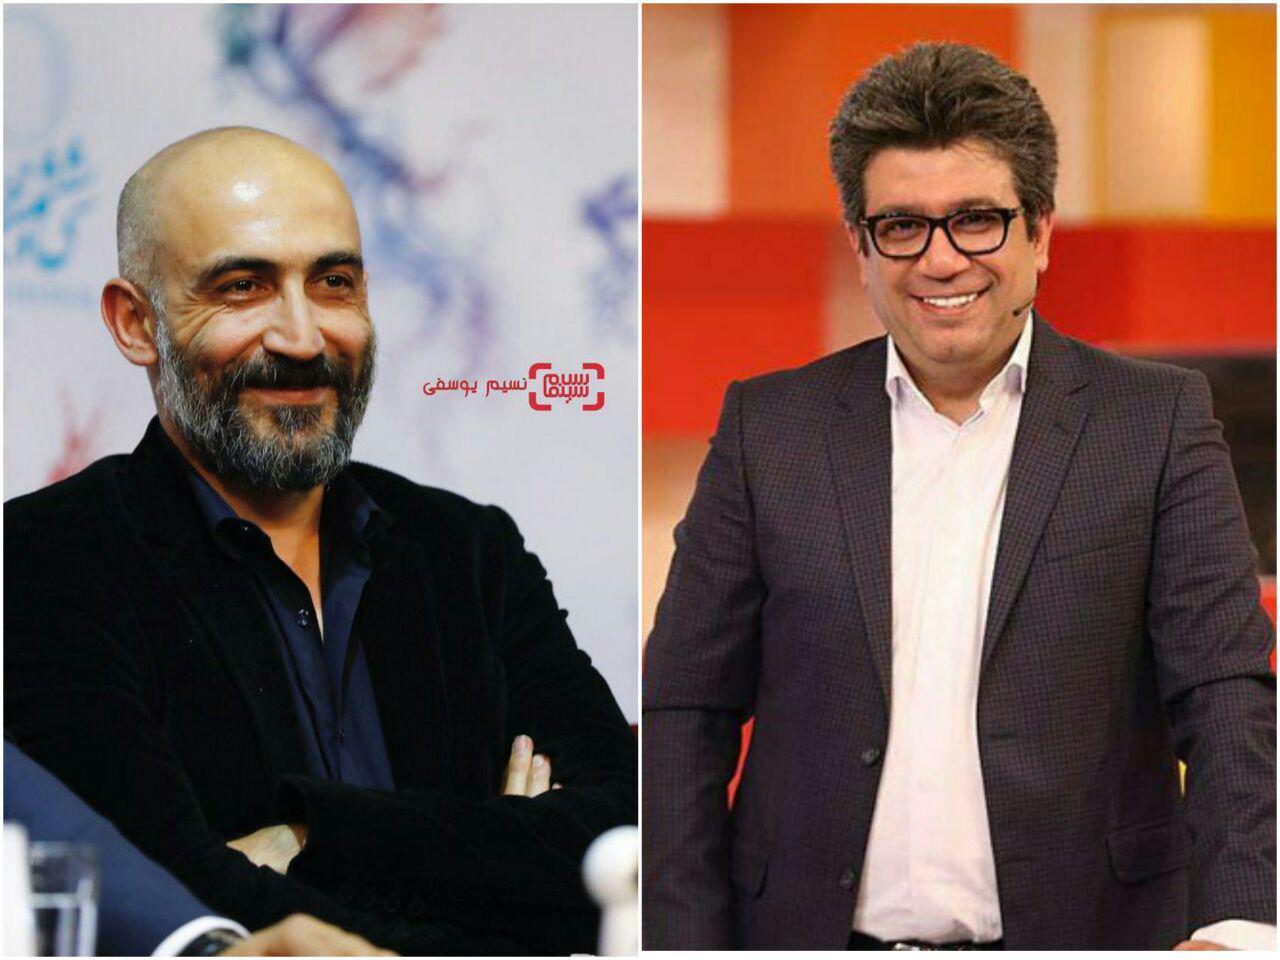 عذرخواهی هادی حجازیفر از رضا رشیدپور/ واکنش رشیدپور